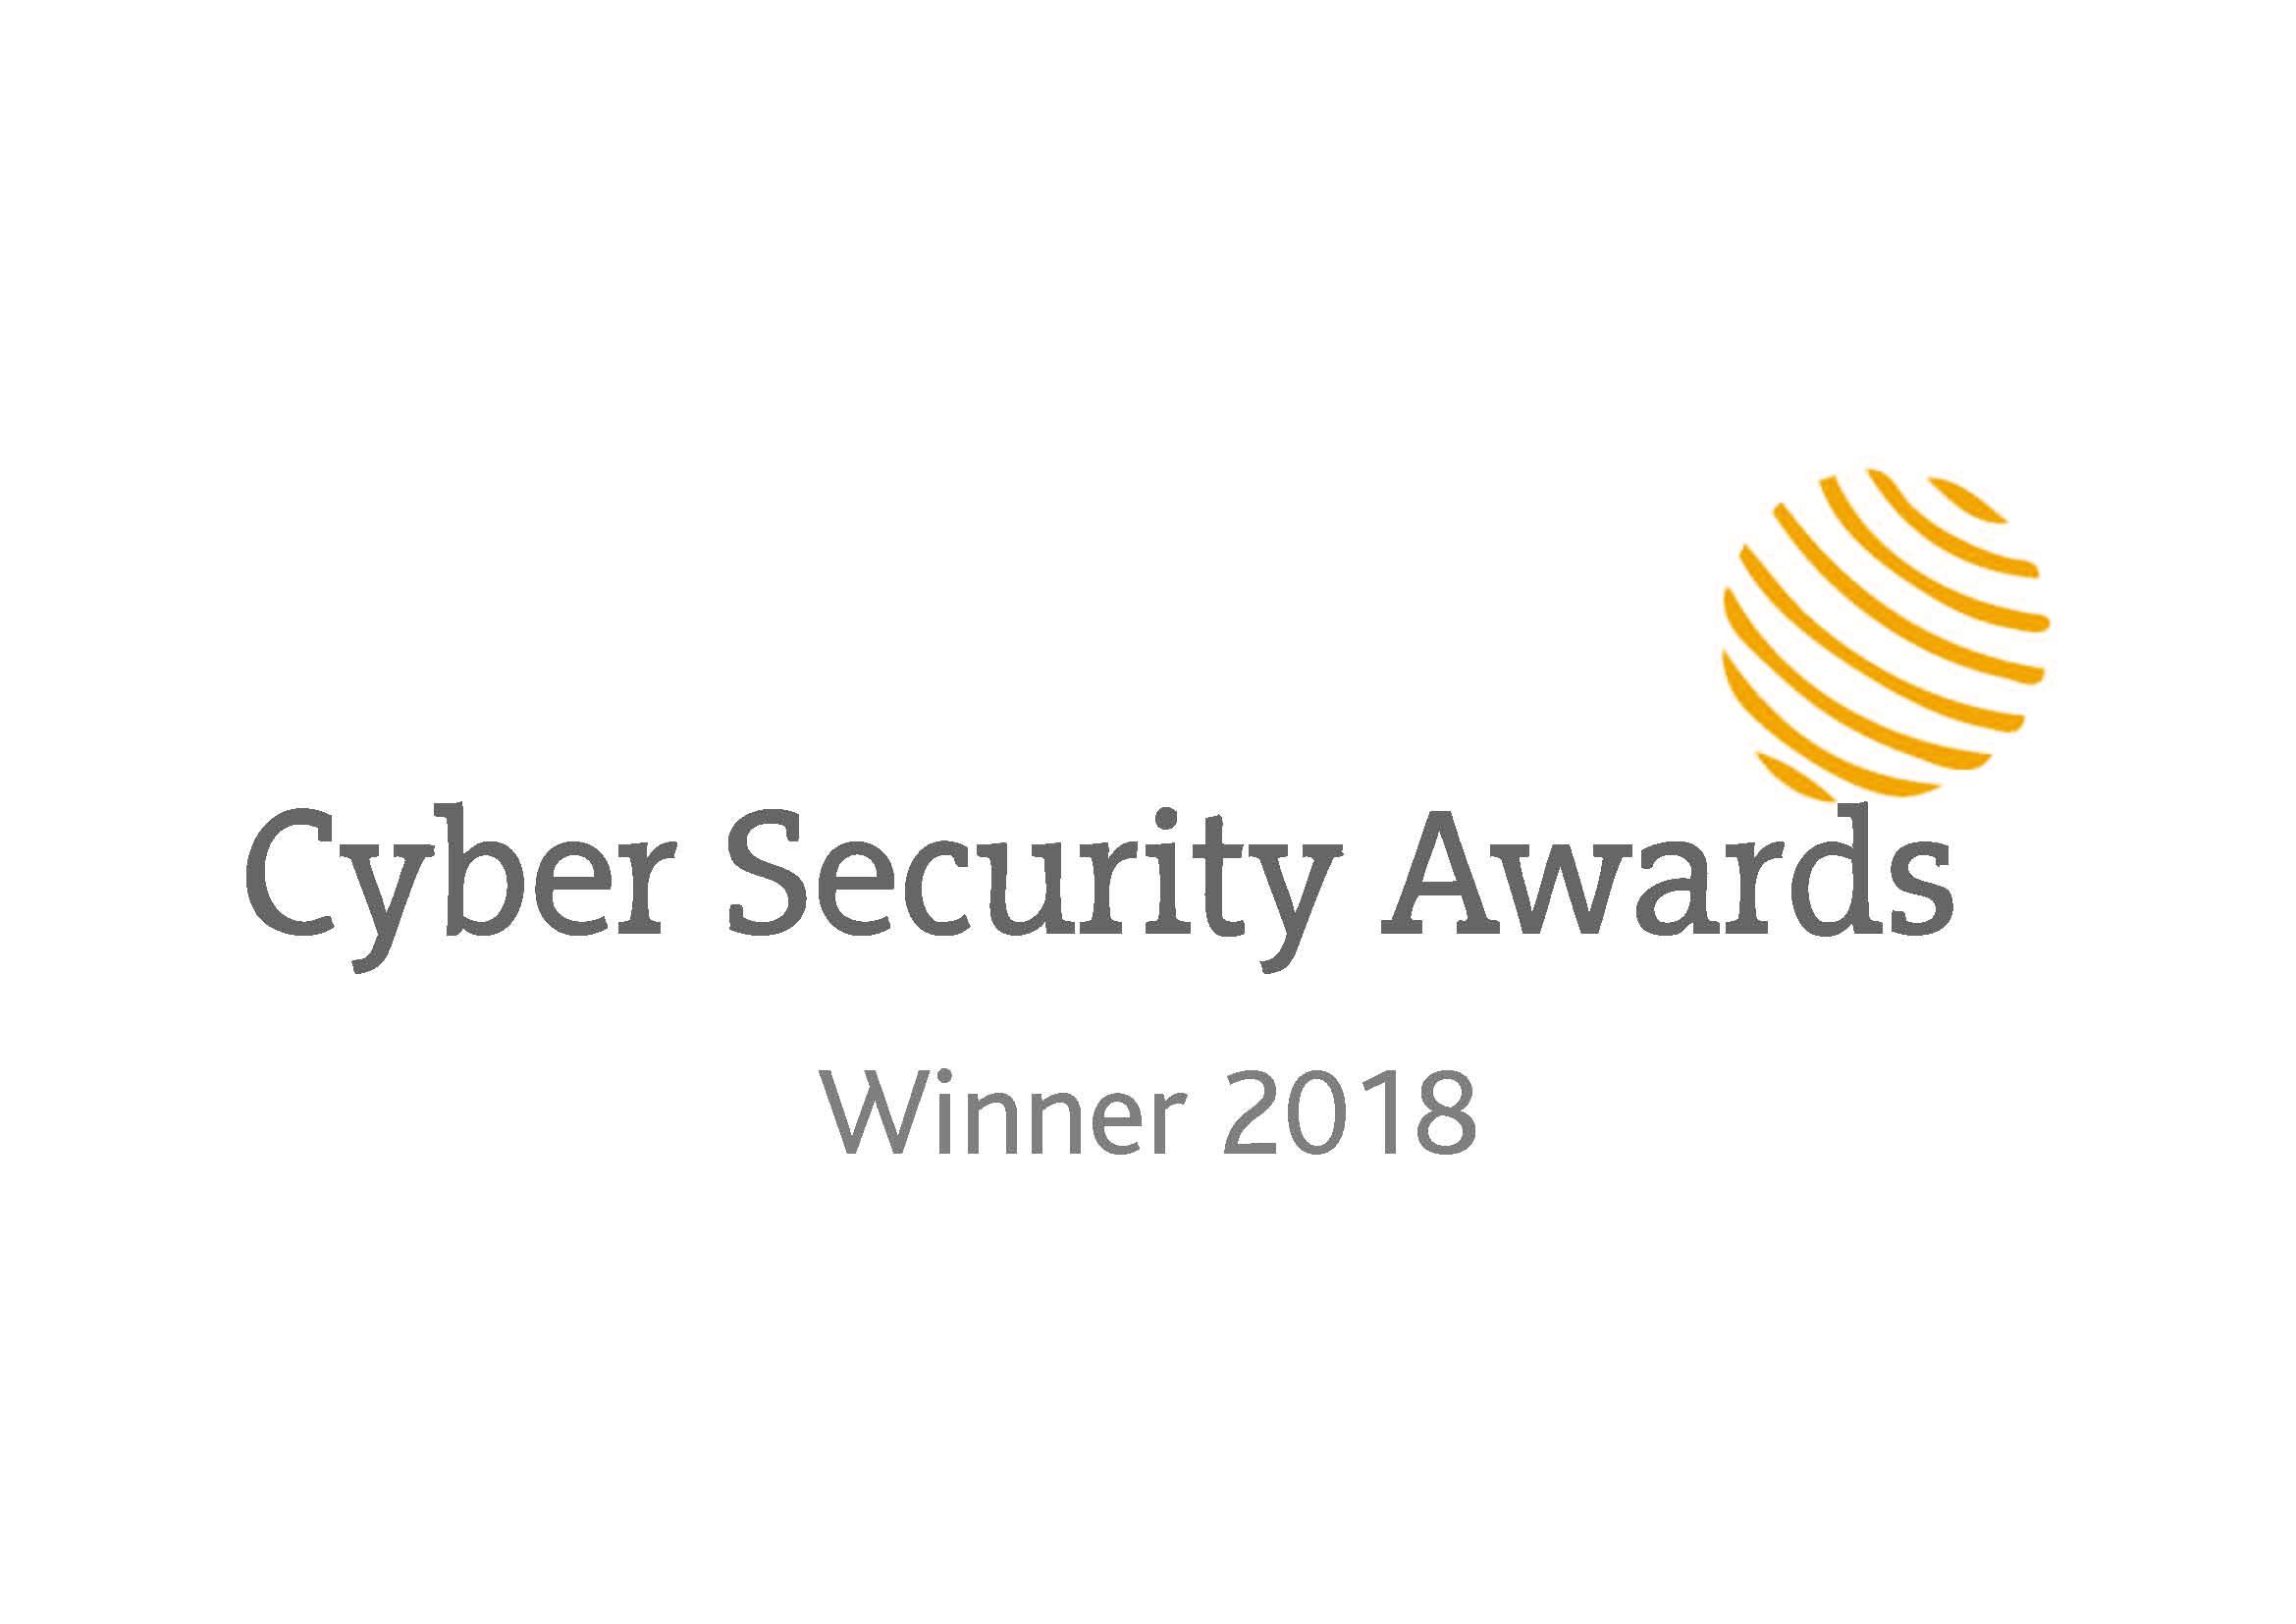 Winner 2018